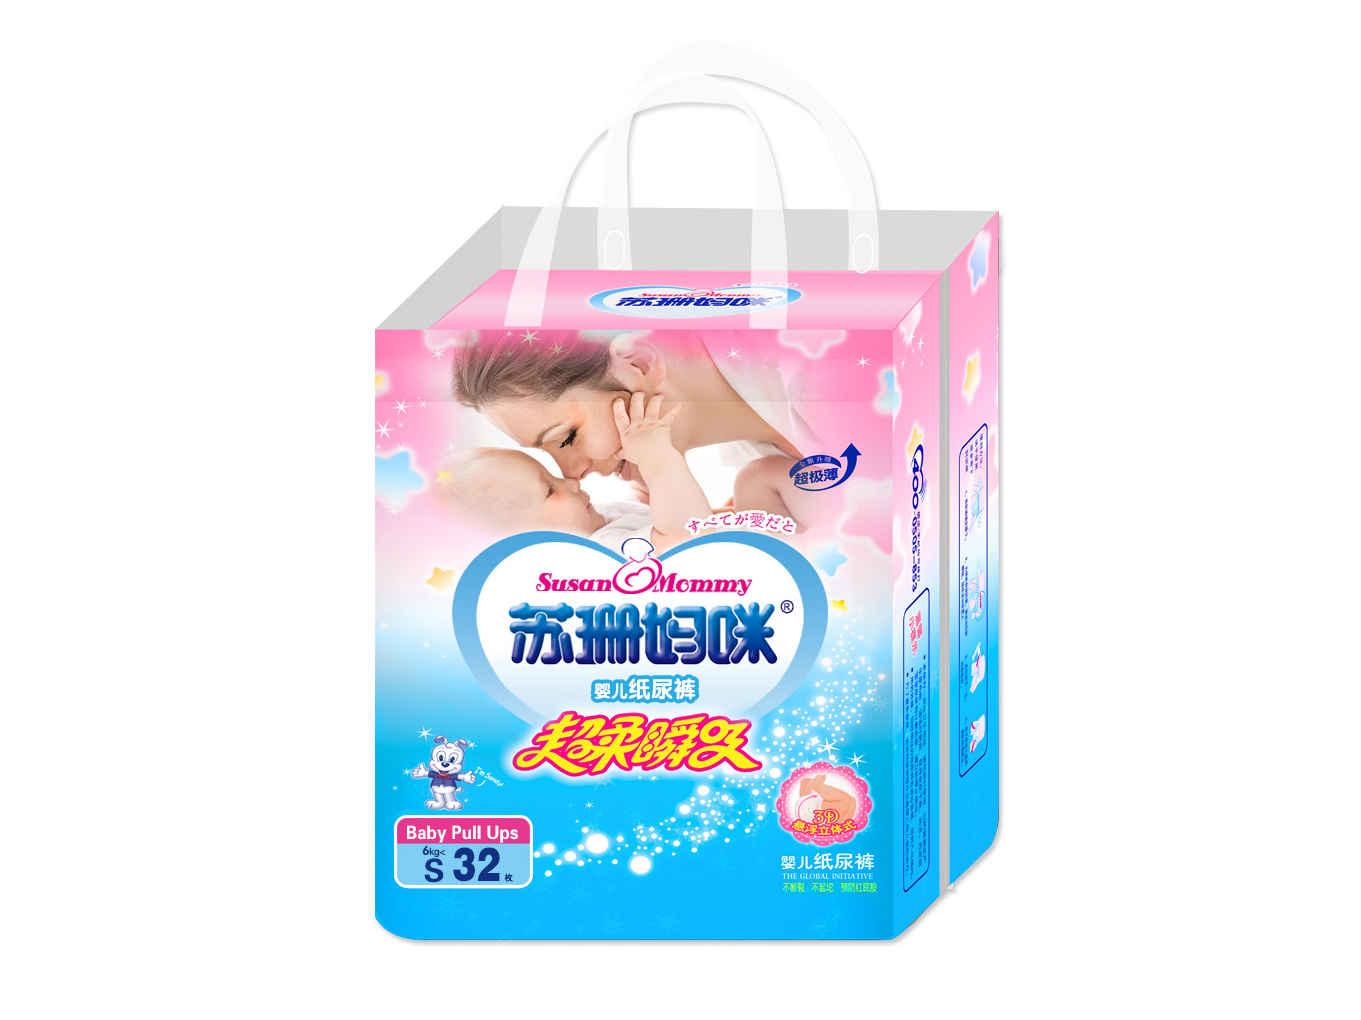 纸尿裤加工厂厂家供应-好用的苏珊妈咪纸尿裤在哪买